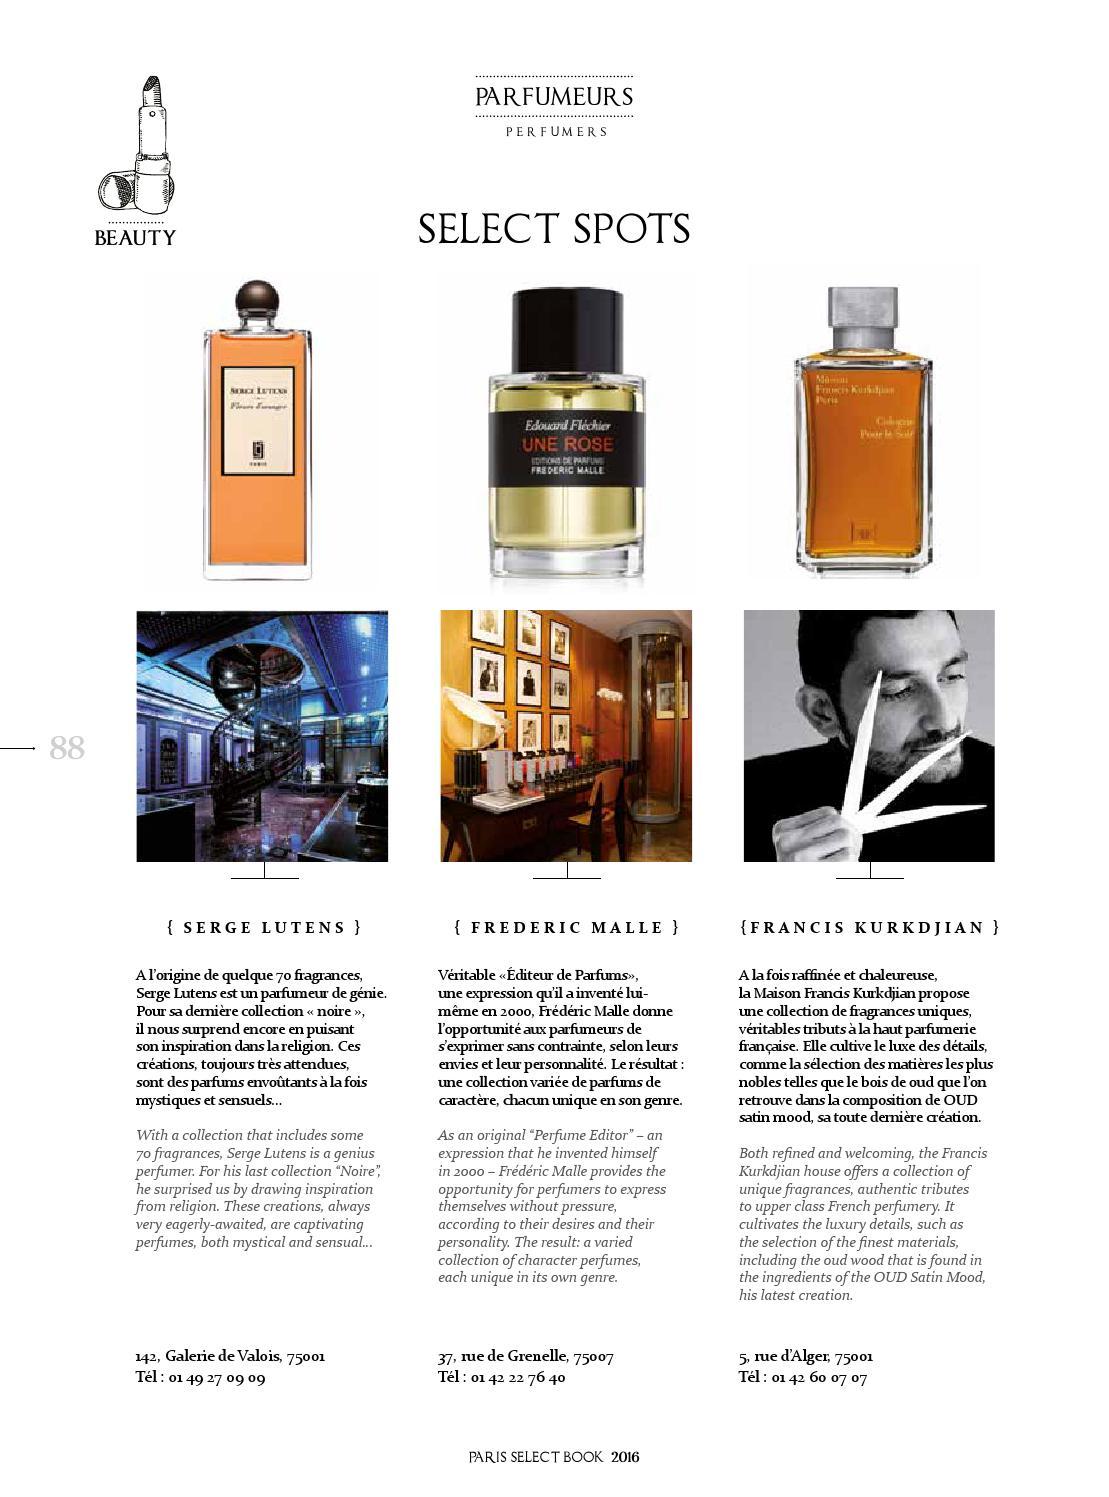 Parfumeurs Inspiration Sicilfly Les Originale Pour Lcfk1j shCxdBrQot